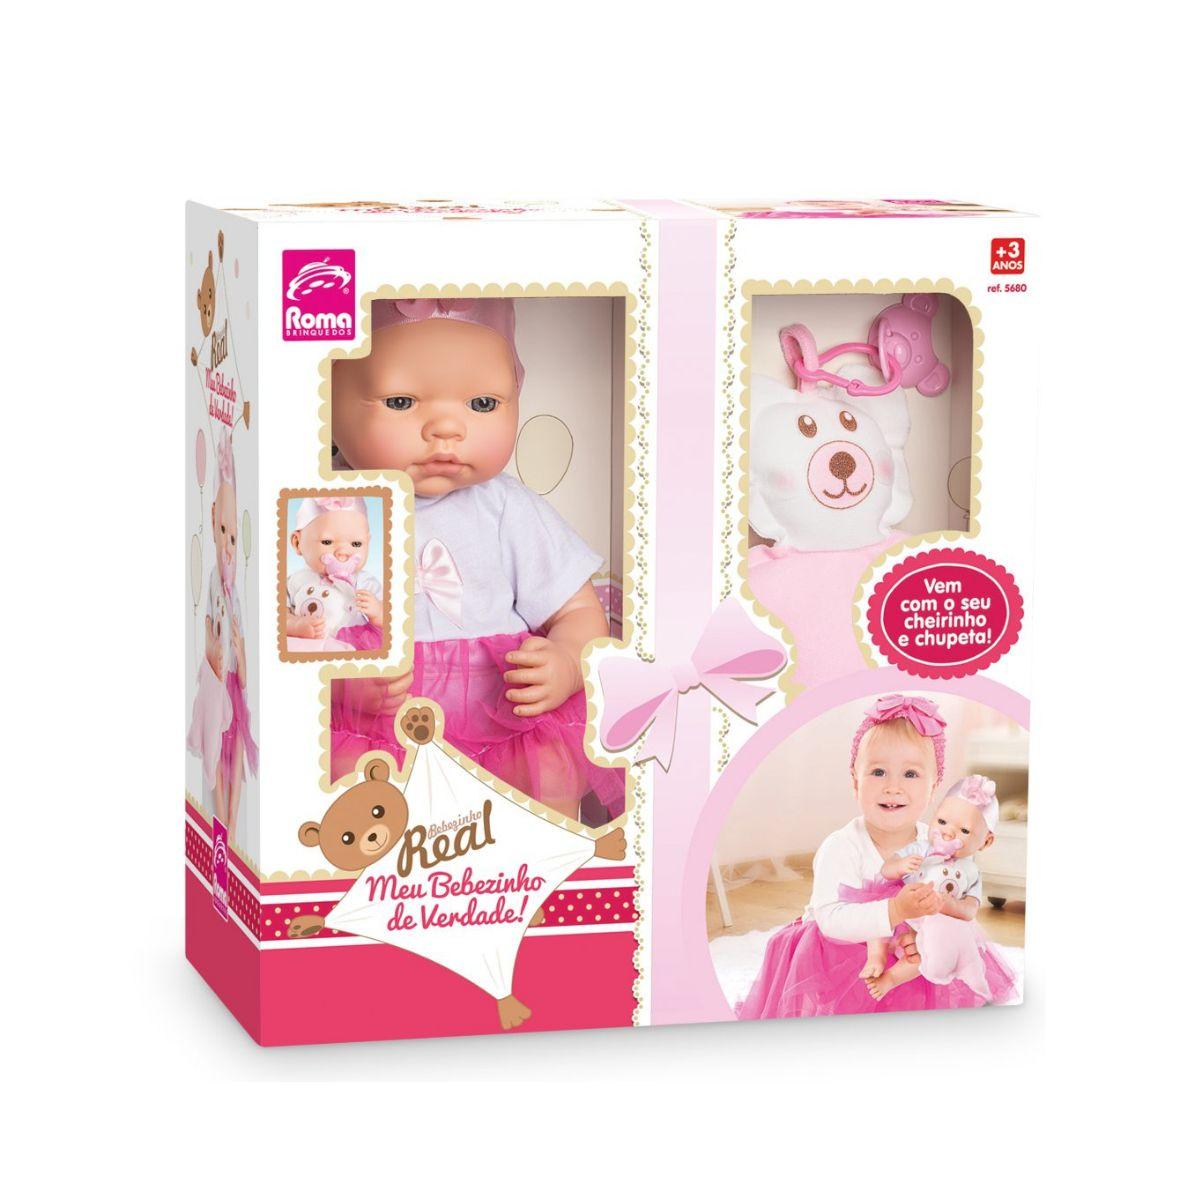 Boneca Meu Bebezinho de Verdade Com Cheirinho e Chupeta Rosa